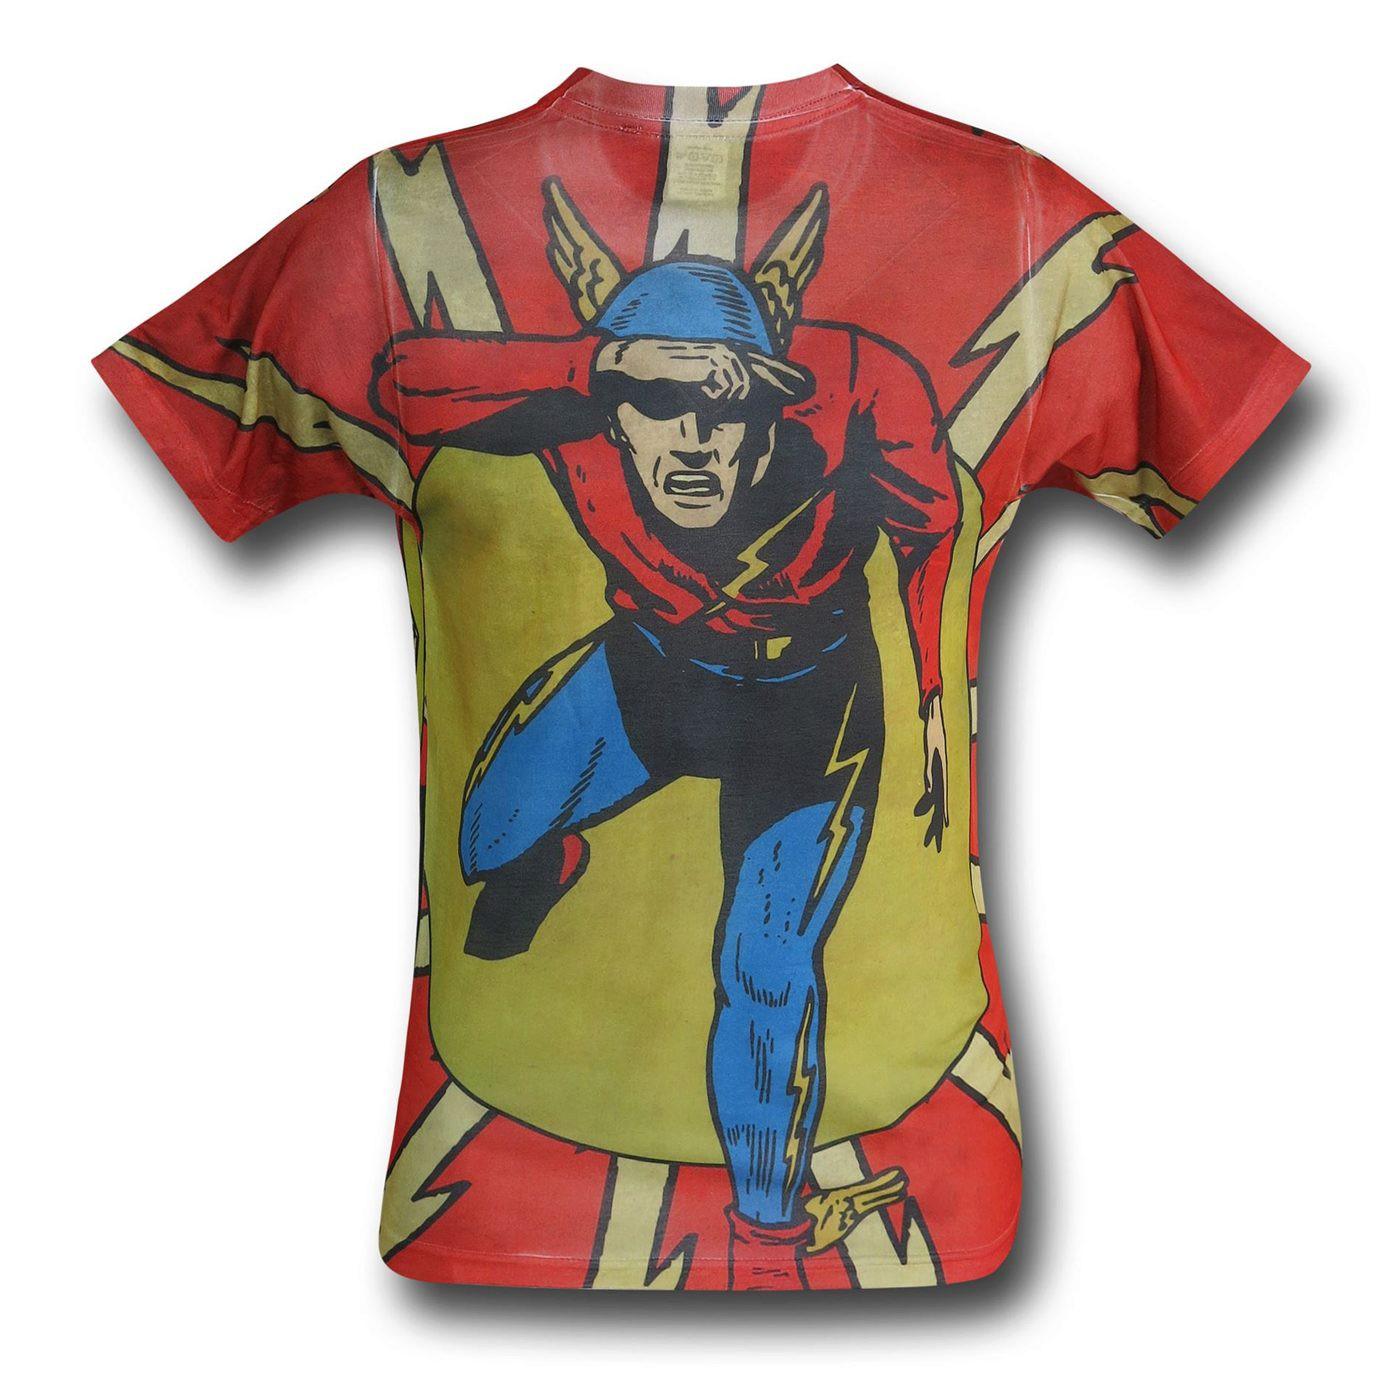 Flash Jay Garrick Sublimated T-Shirt